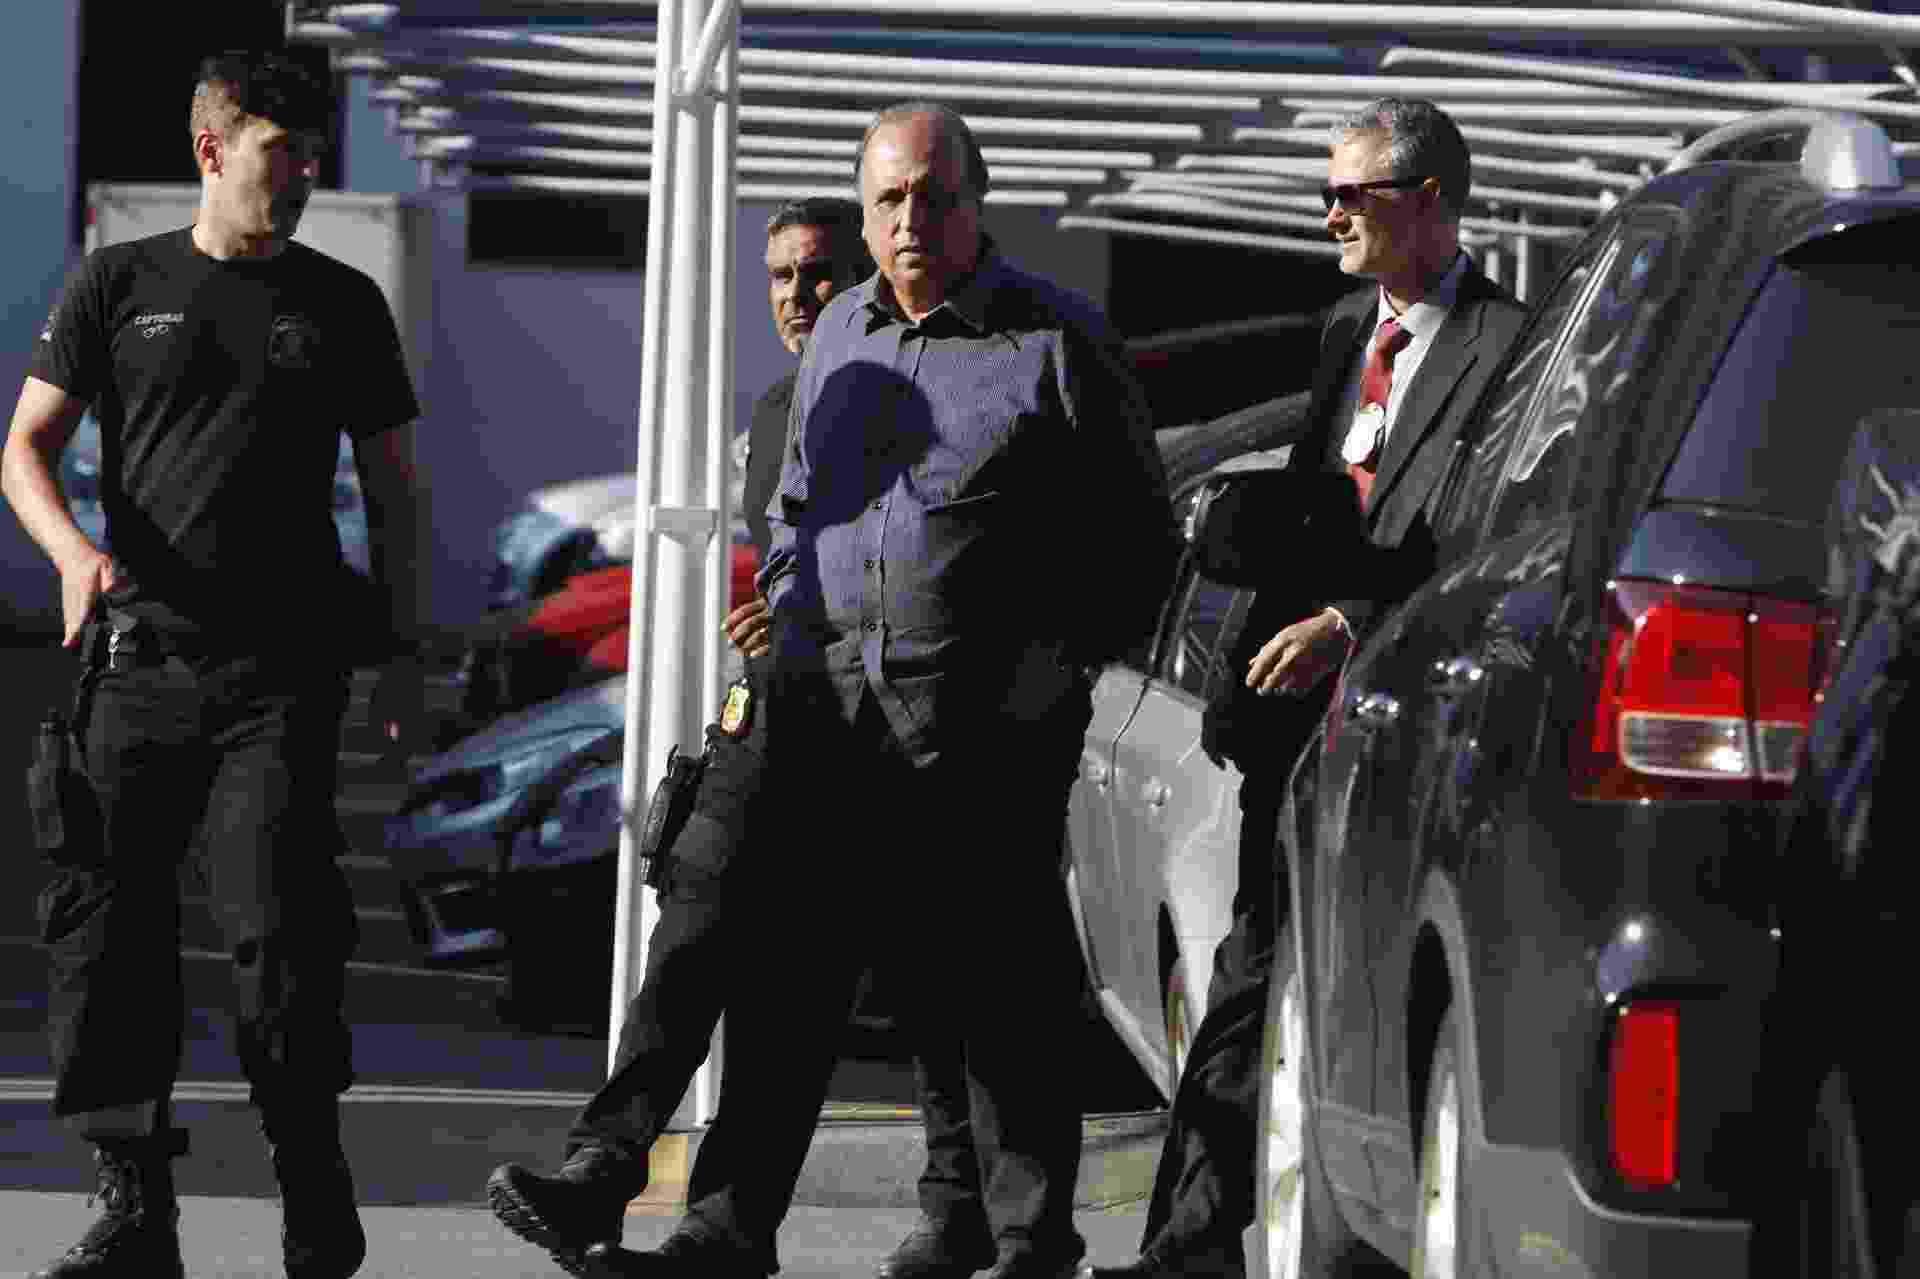 O governador Luiz Fernando Pezão (MDB), que foi preso na manhã desta quinta-feira, 29, em operação da Polícia Federal, que recebeu o nome de Boca de Lobo, chega à superintendência da Polícia Federal na Região Portuária do Rio - Severino Silva/Agência O Dia/Estadão Conteúdo